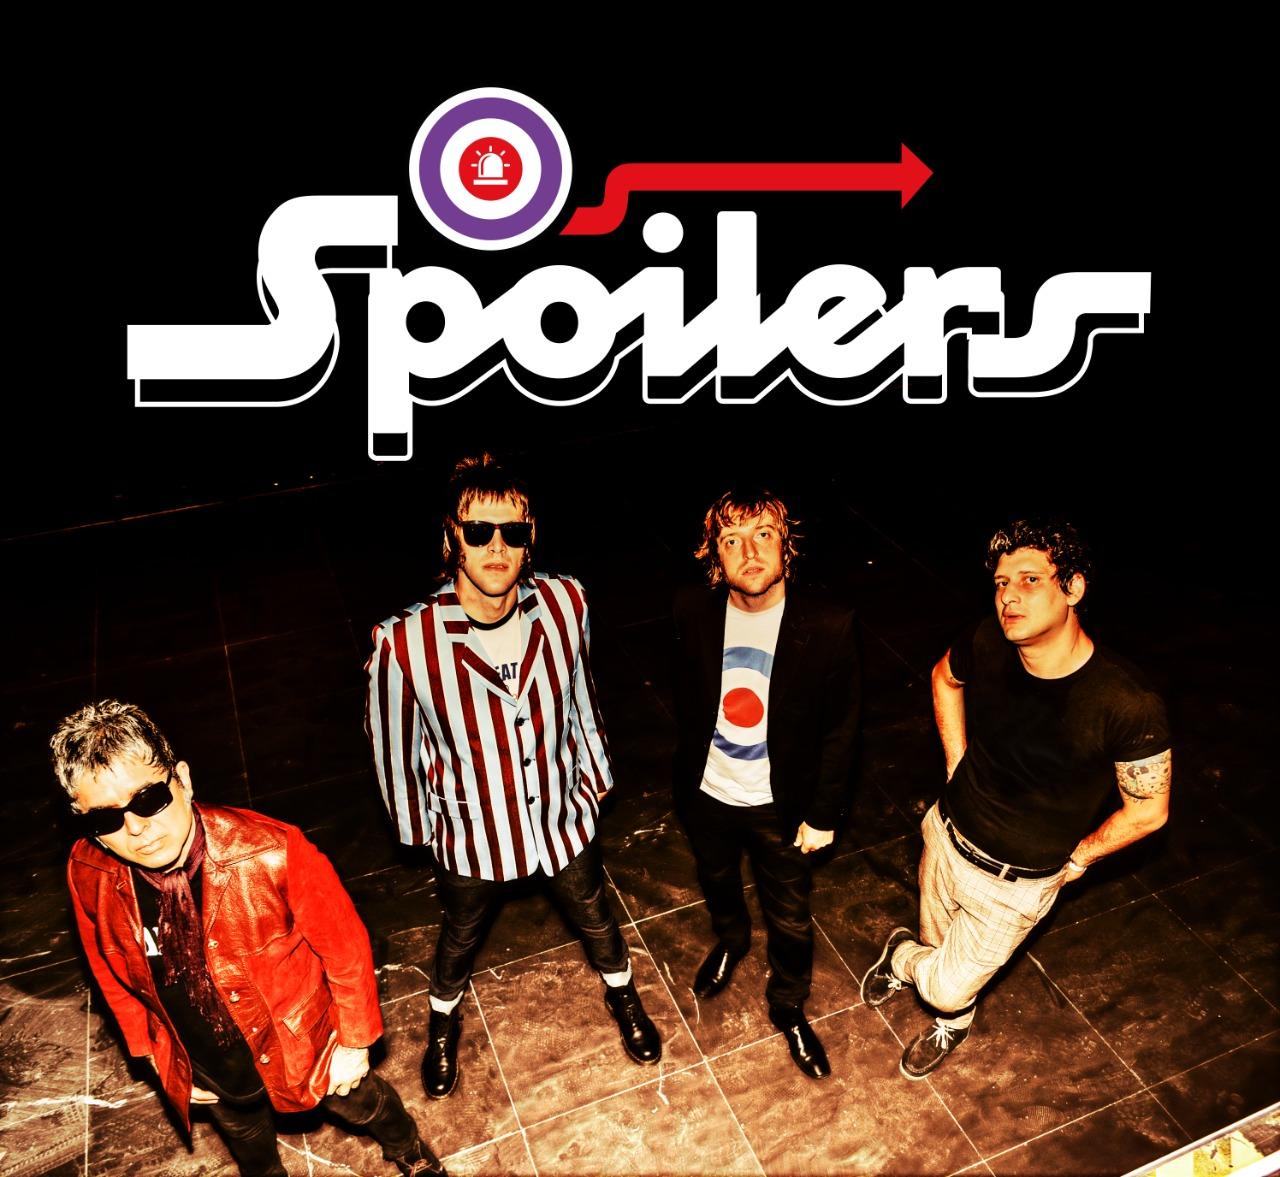 """Os Spoilers lançam versão de  """"I Wanna Be Your Dog"""", dos Stooges com participação de Nasi"""